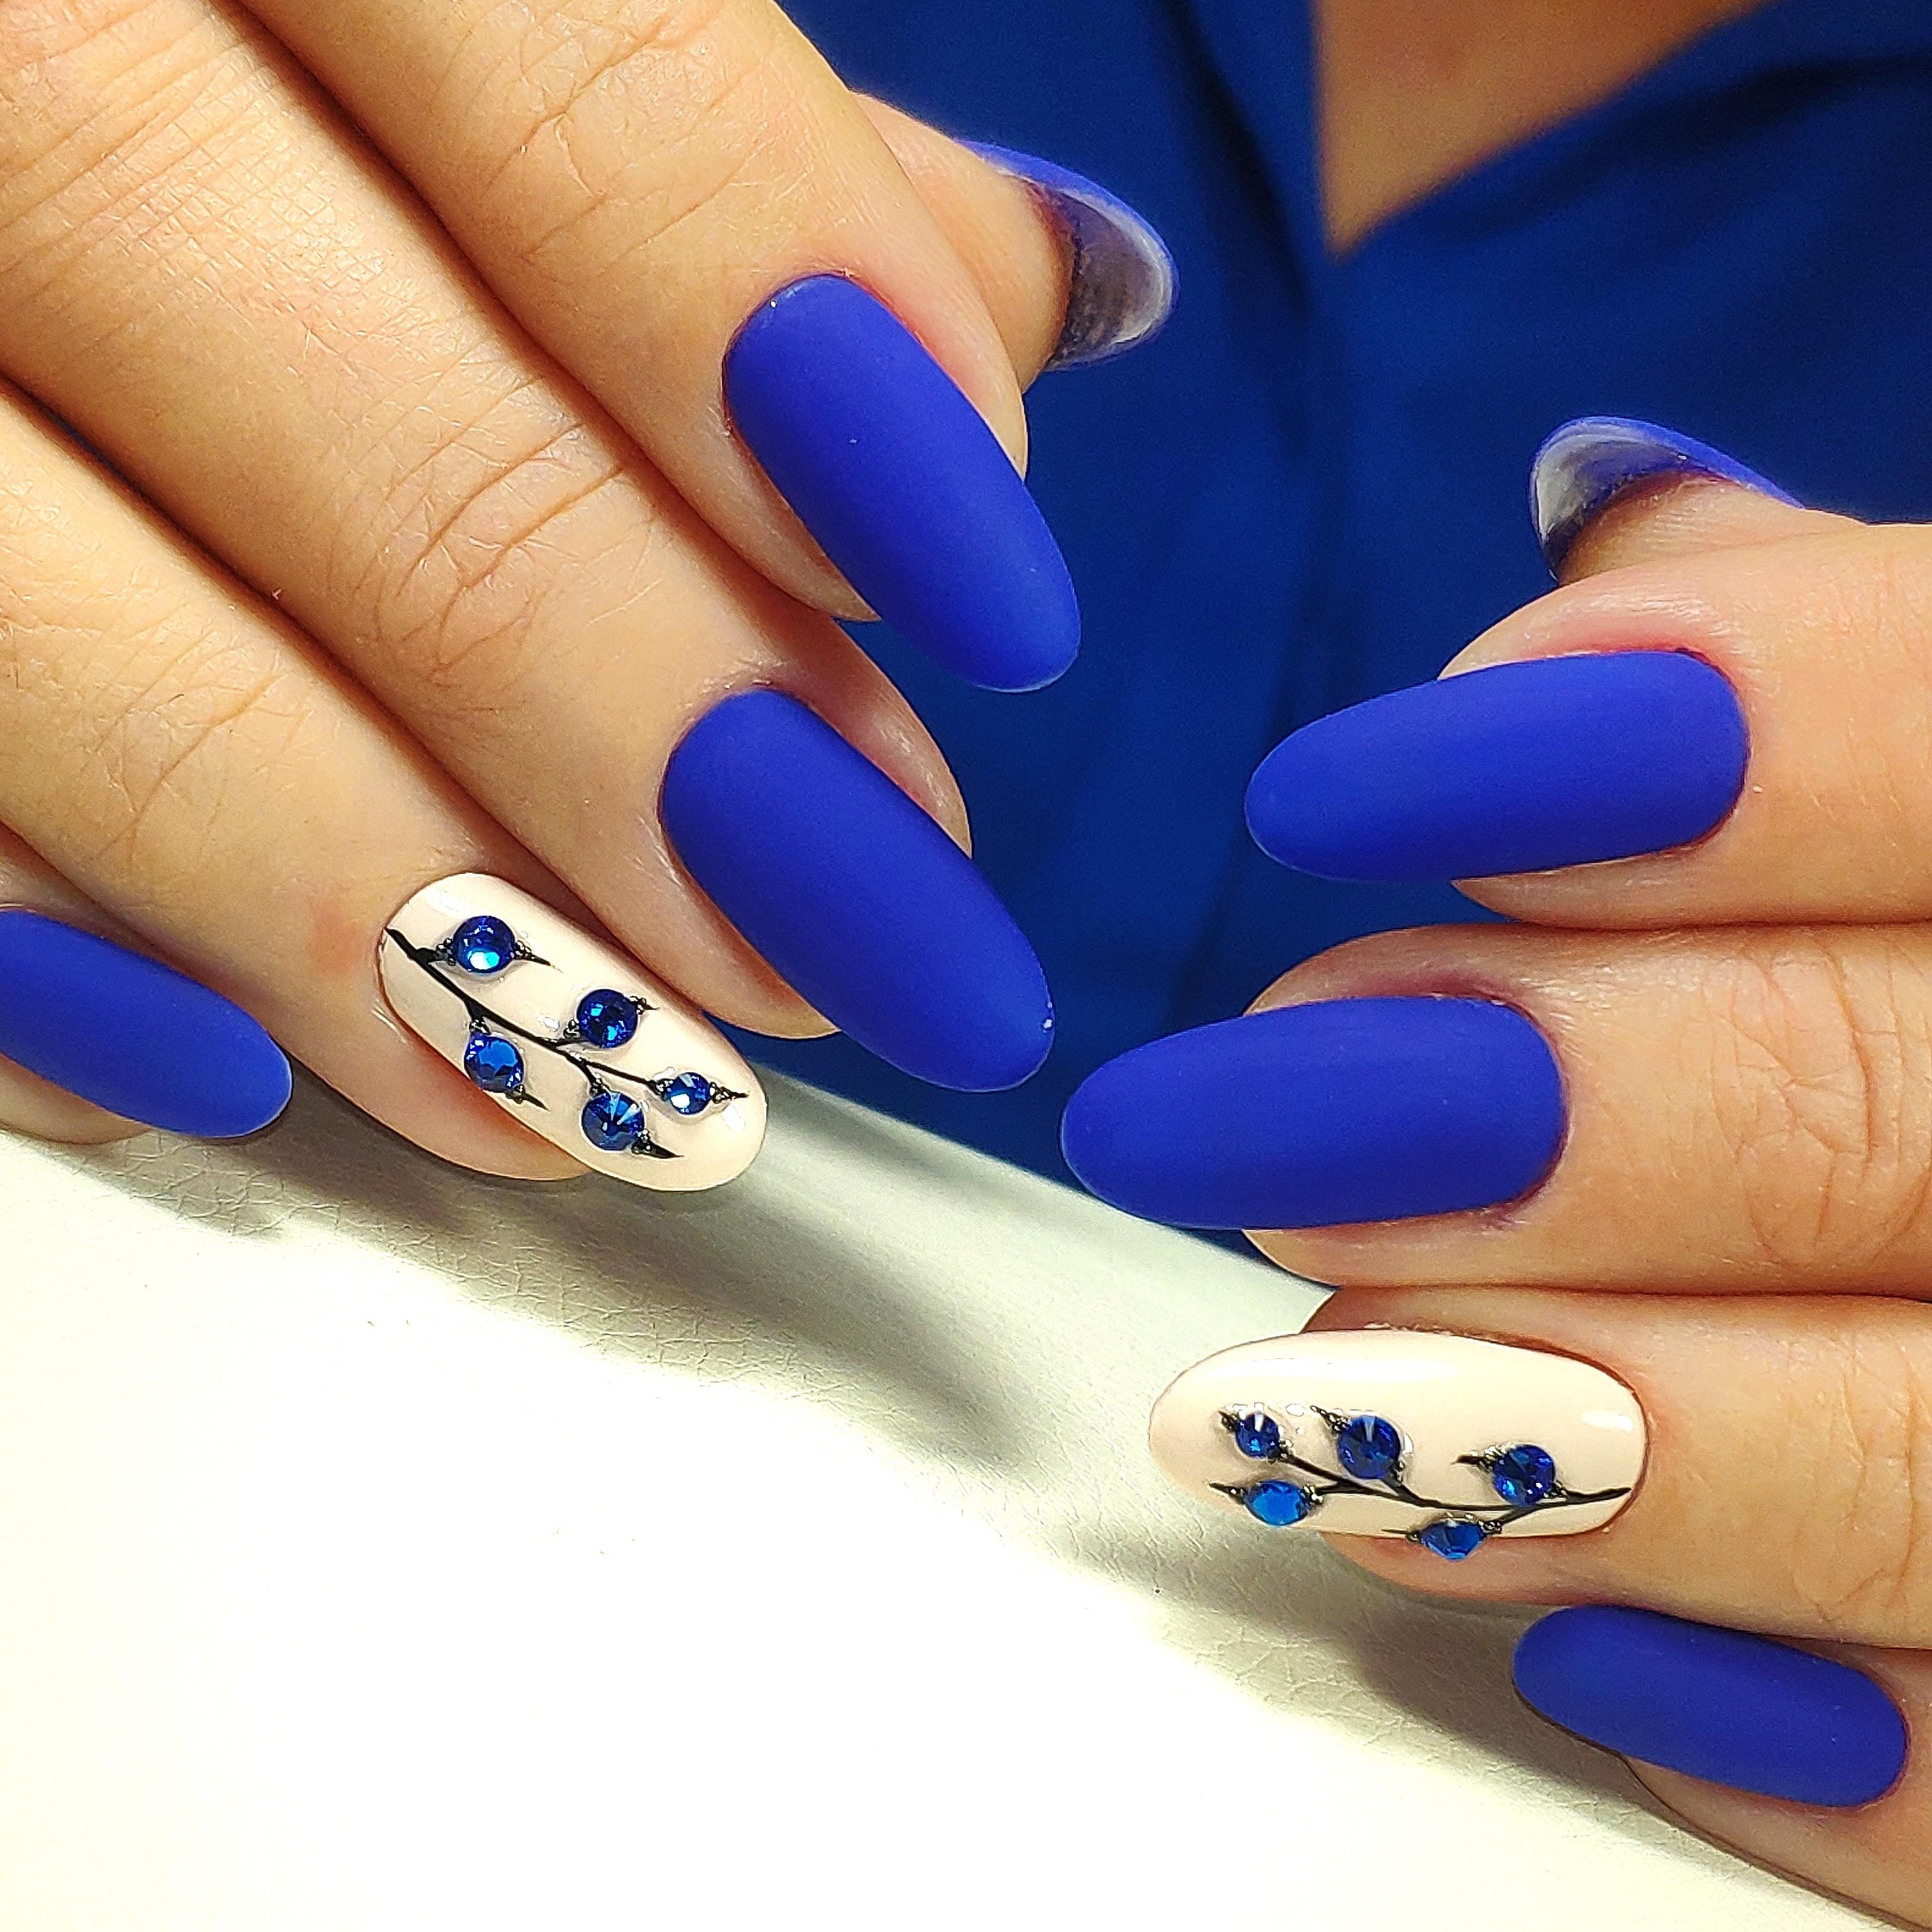 Матовый маникюр в синем цвете с белым дизайном, растительным рисунком и синими стразами.